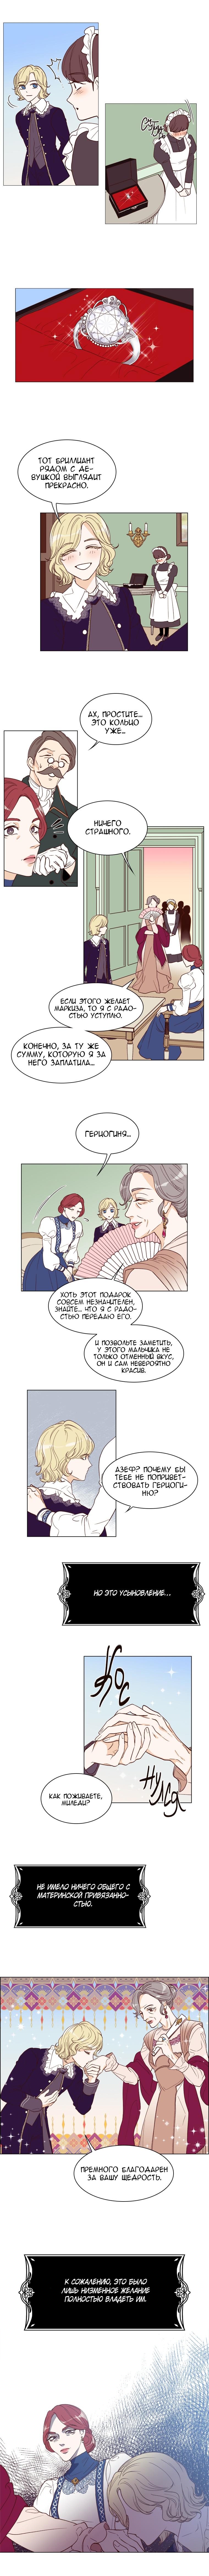 https://r2.ninemanga.com/comics/pic5/13/37901/1436686/1563272720771.png Page 4